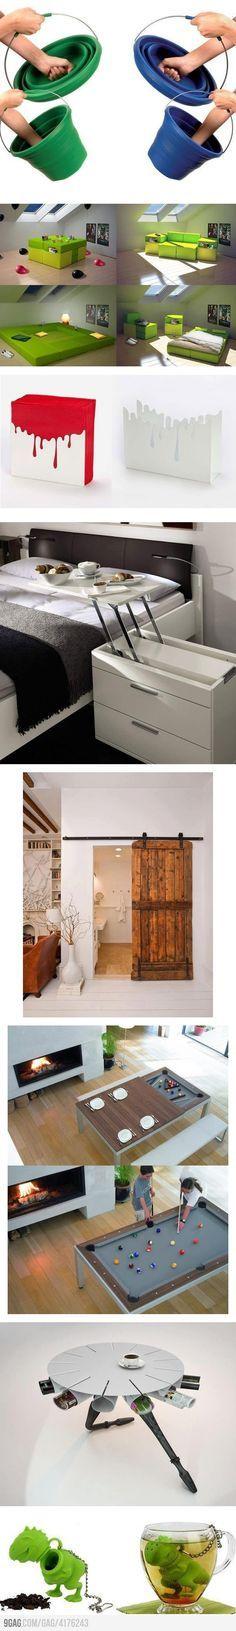 Uma série de objetos e móveis cheios de boas ideias!